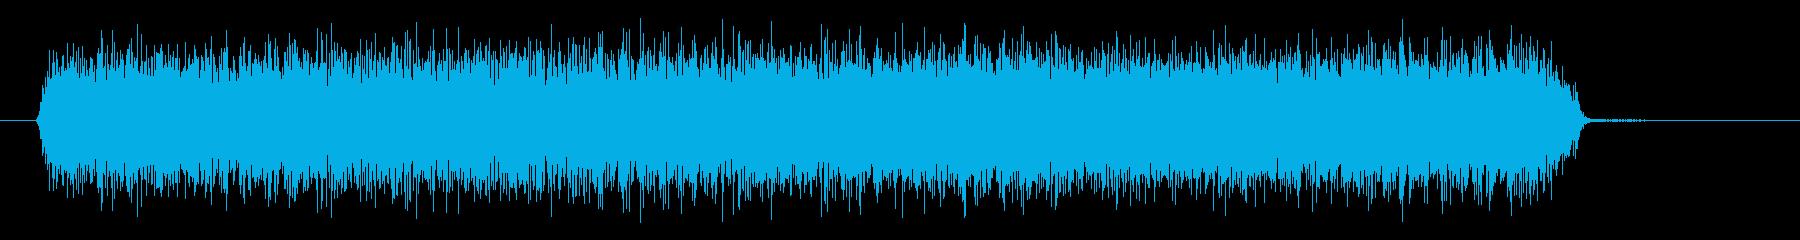 スプレー、シューの再生済みの波形